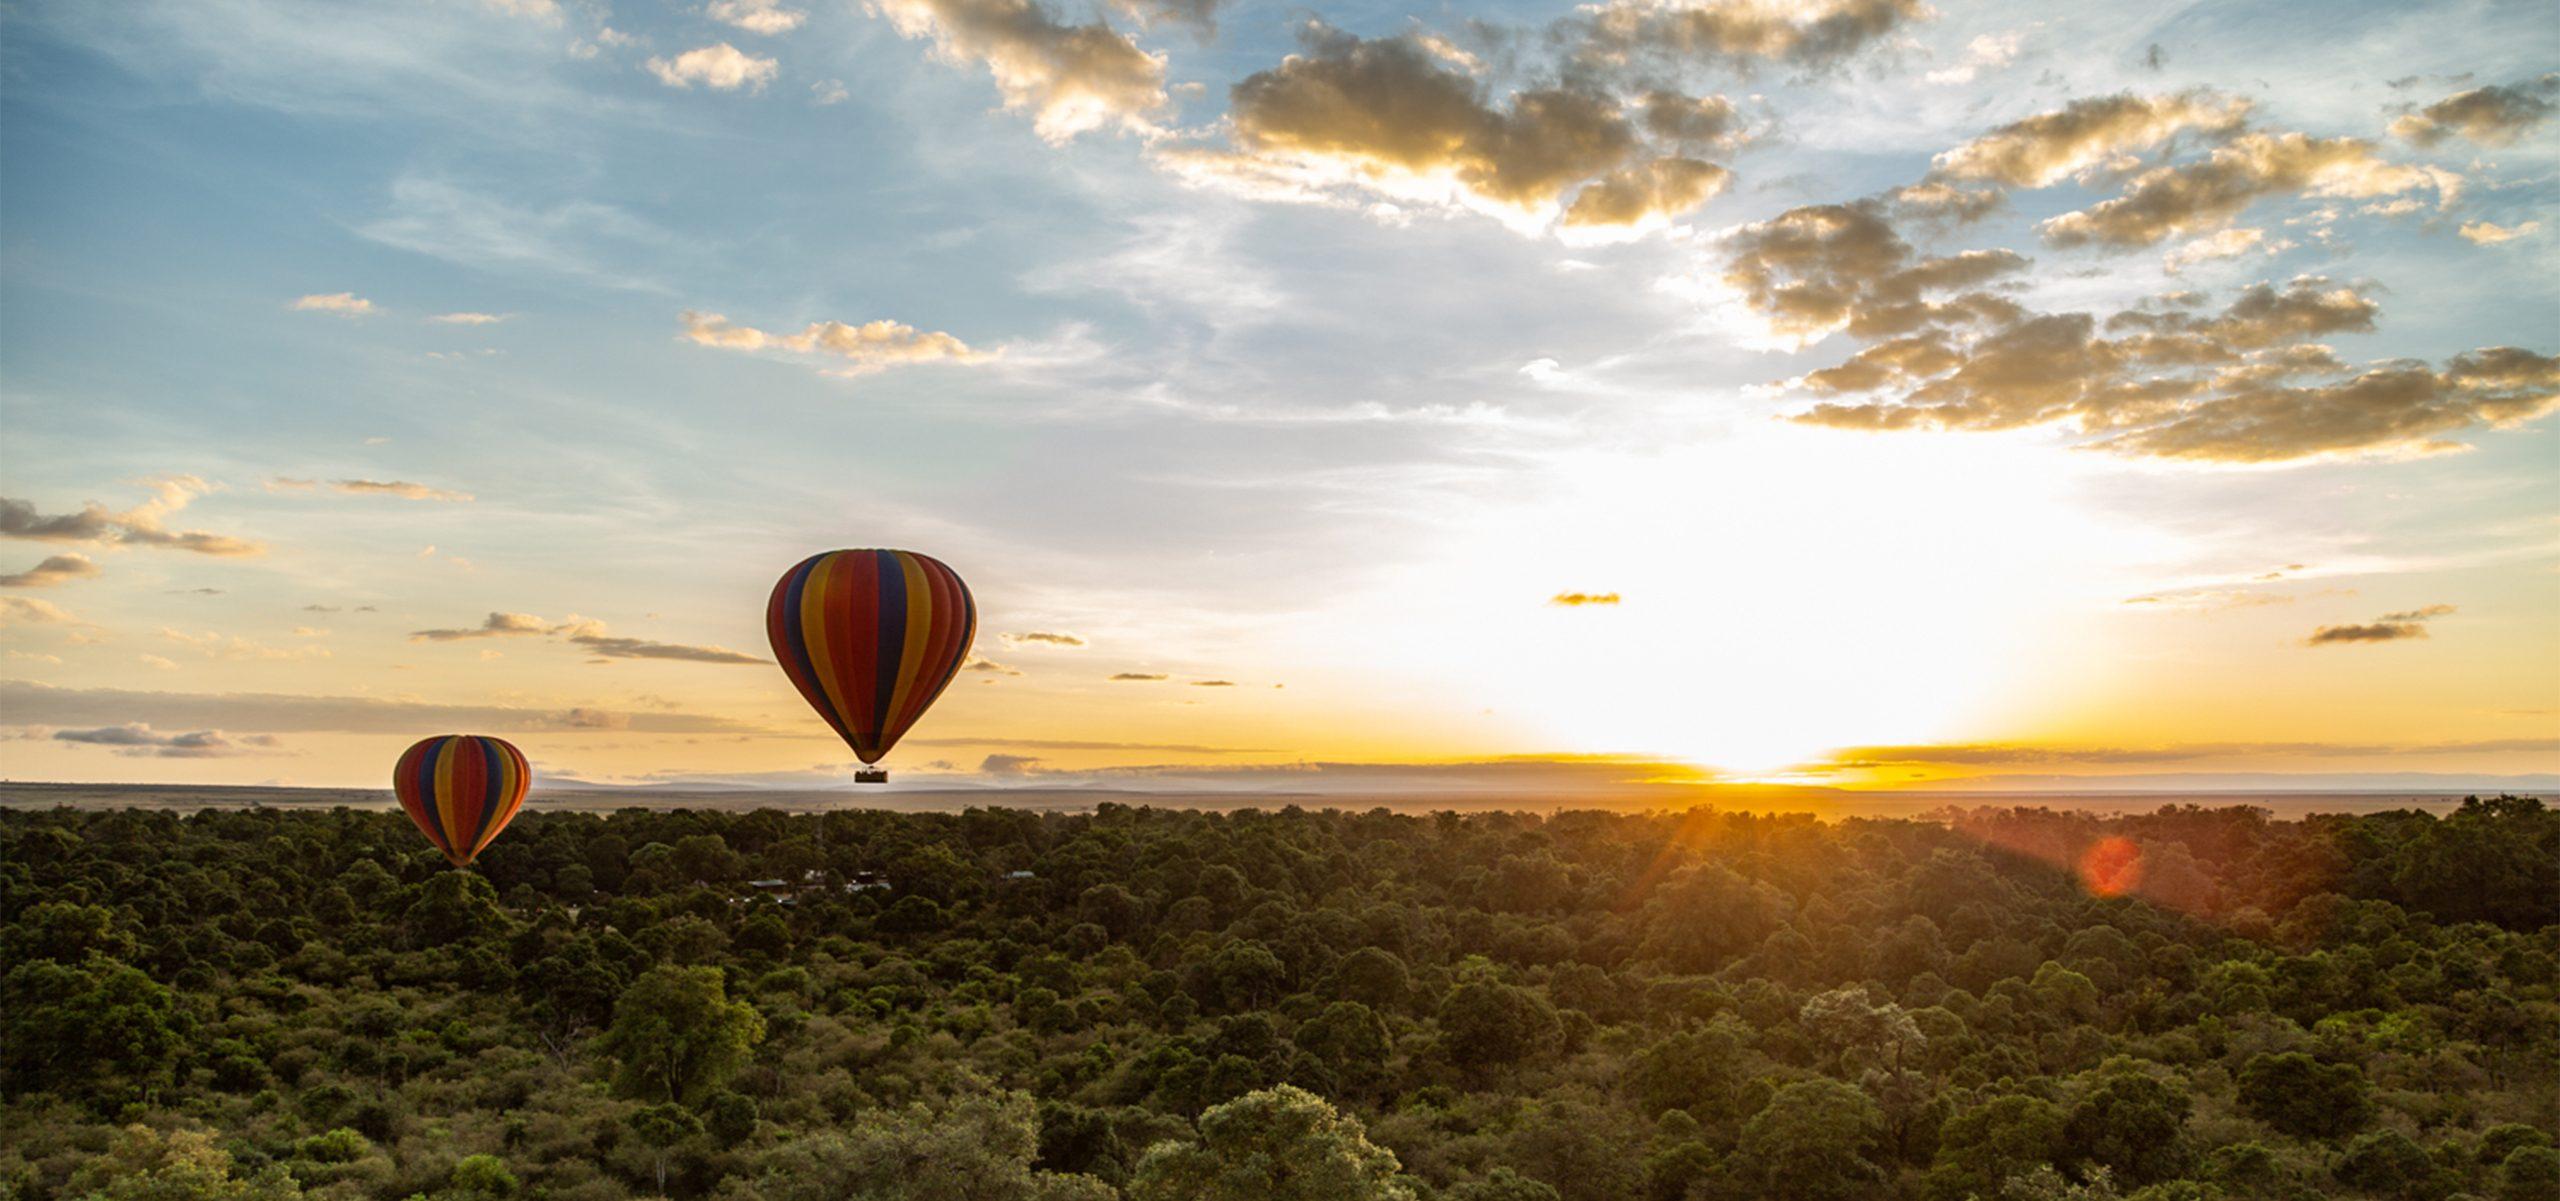 Kenya - Maasai Mara - Hit Air Ballooning